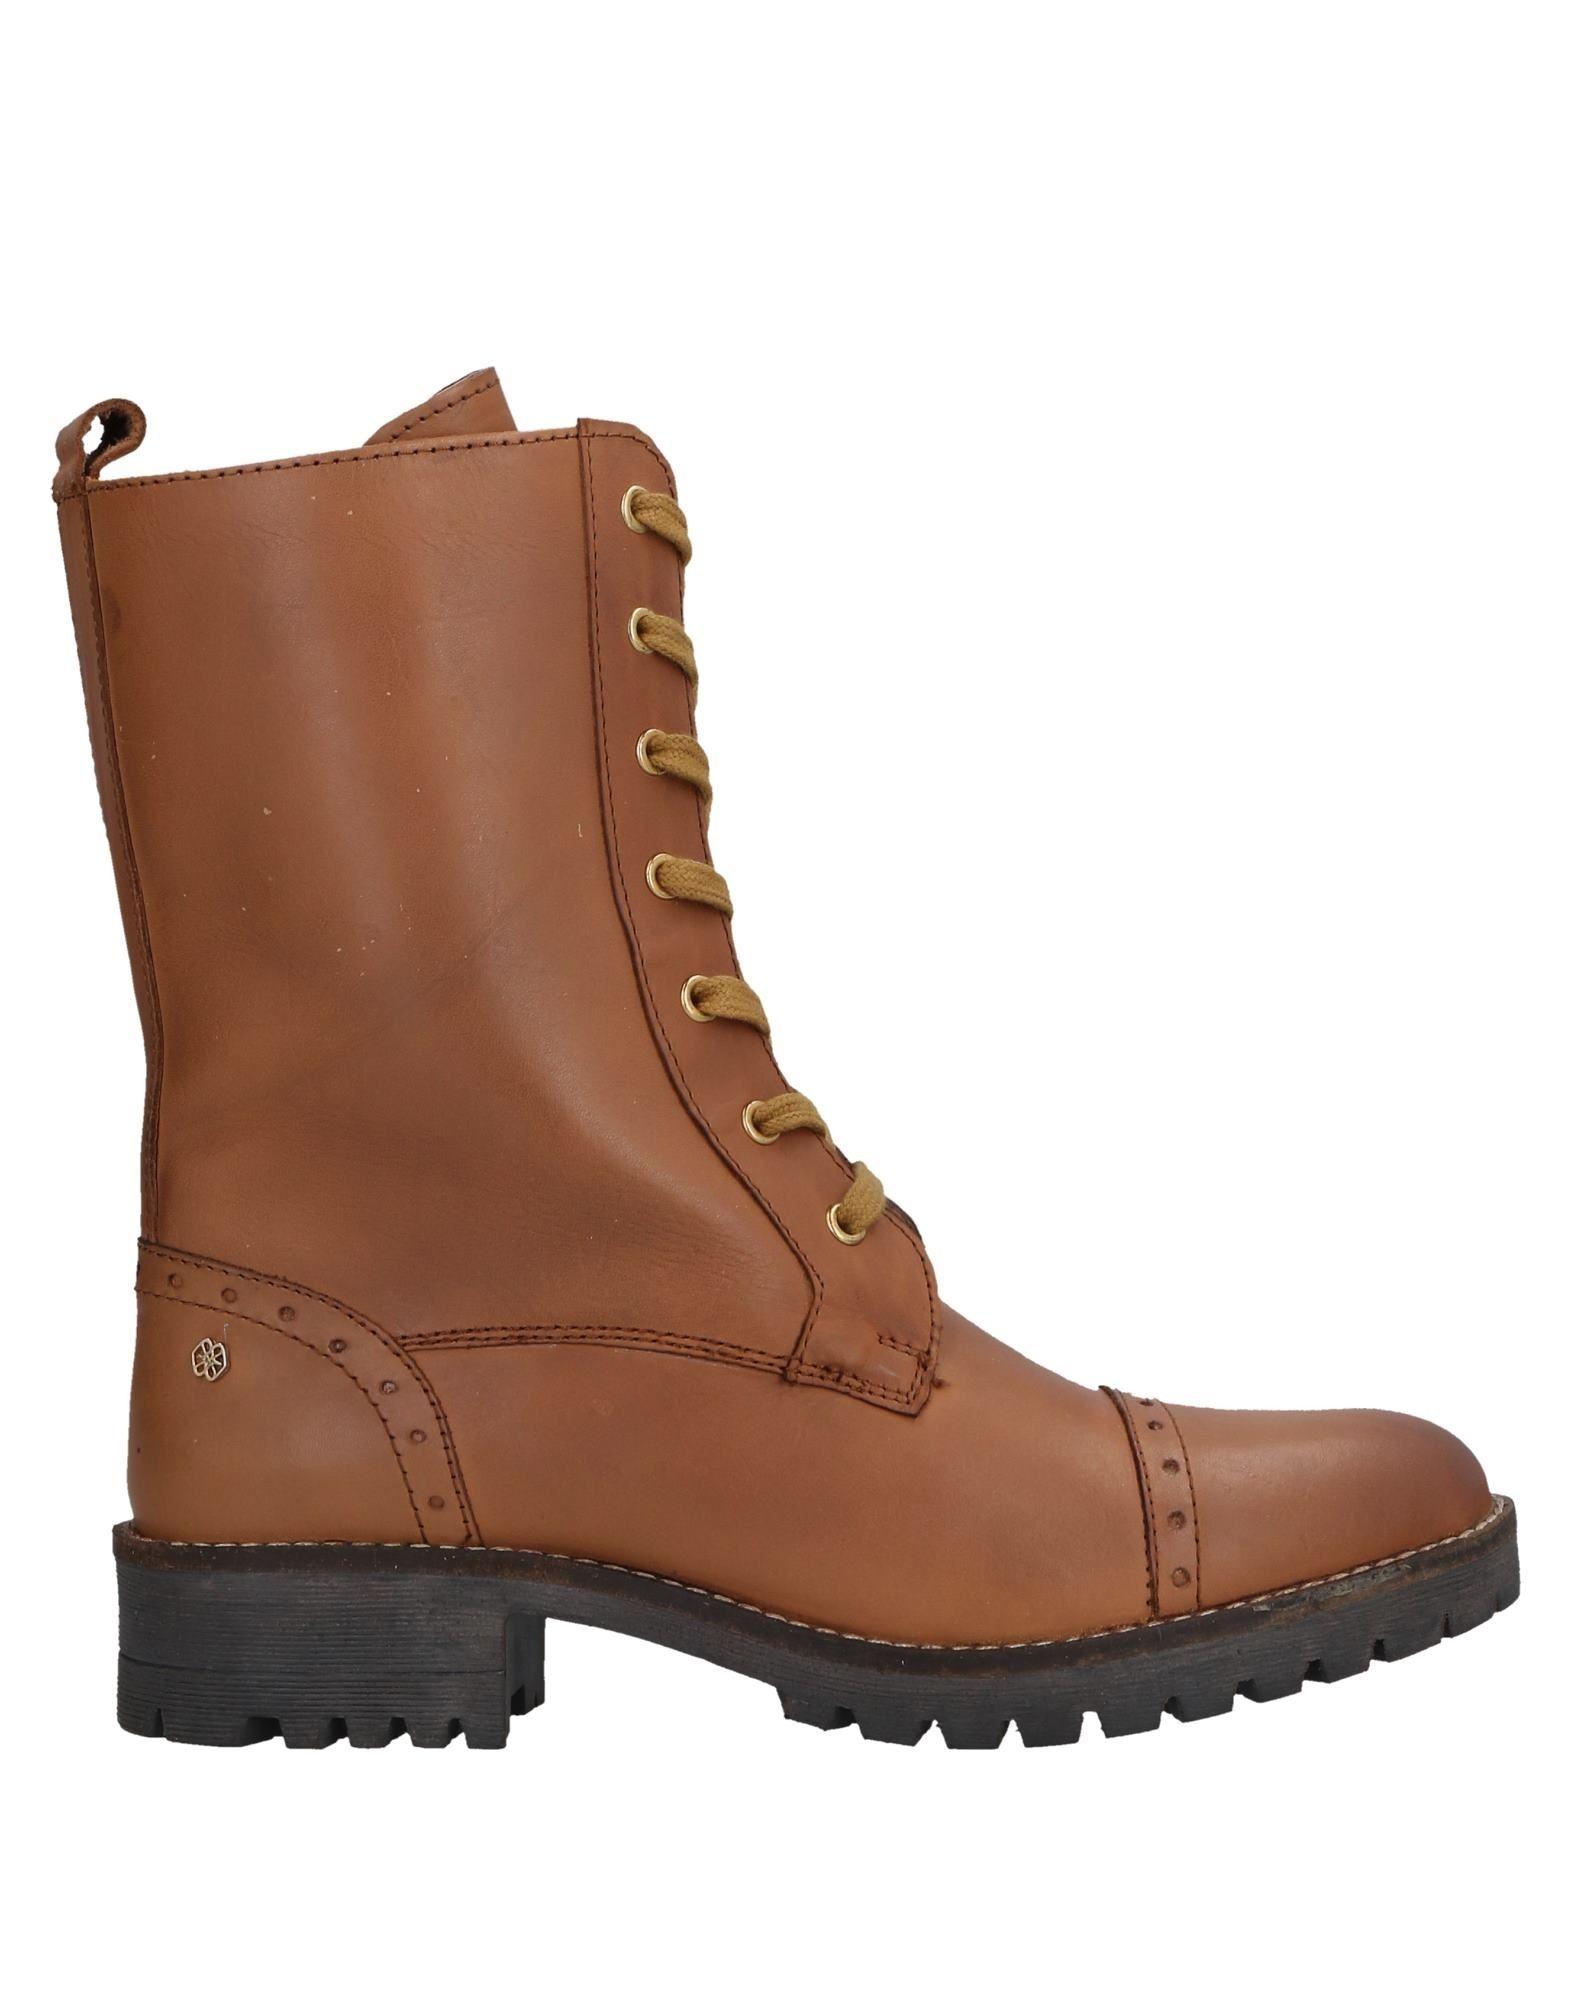 Cuplé Stiefelette Damen  11543524VM Gute Qualität beliebte Schuhe